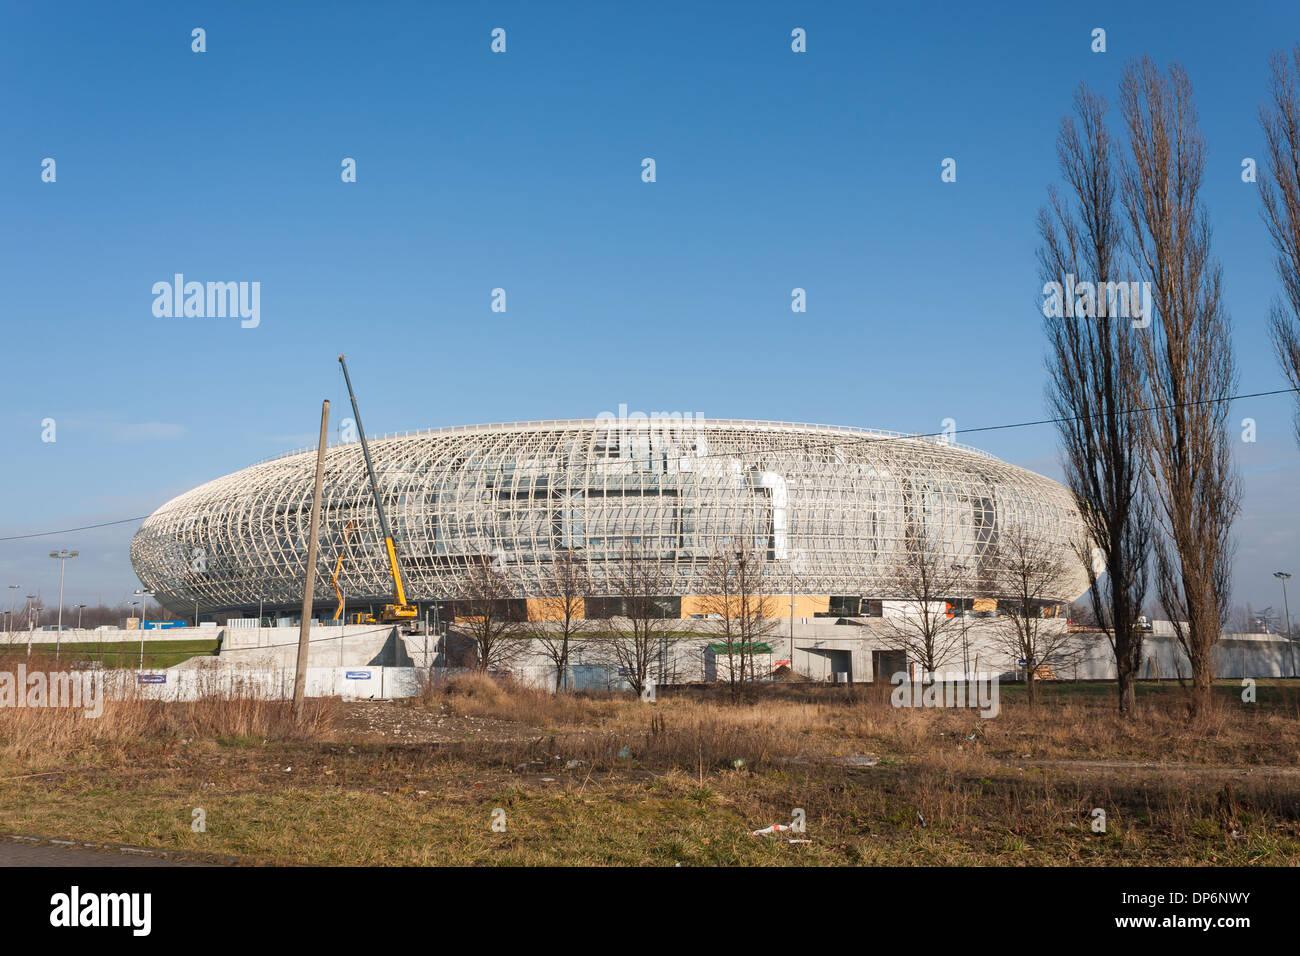 Neue Sporthalle 'Arena' in Krakau Czyzyny während der Bauphase Stockbild